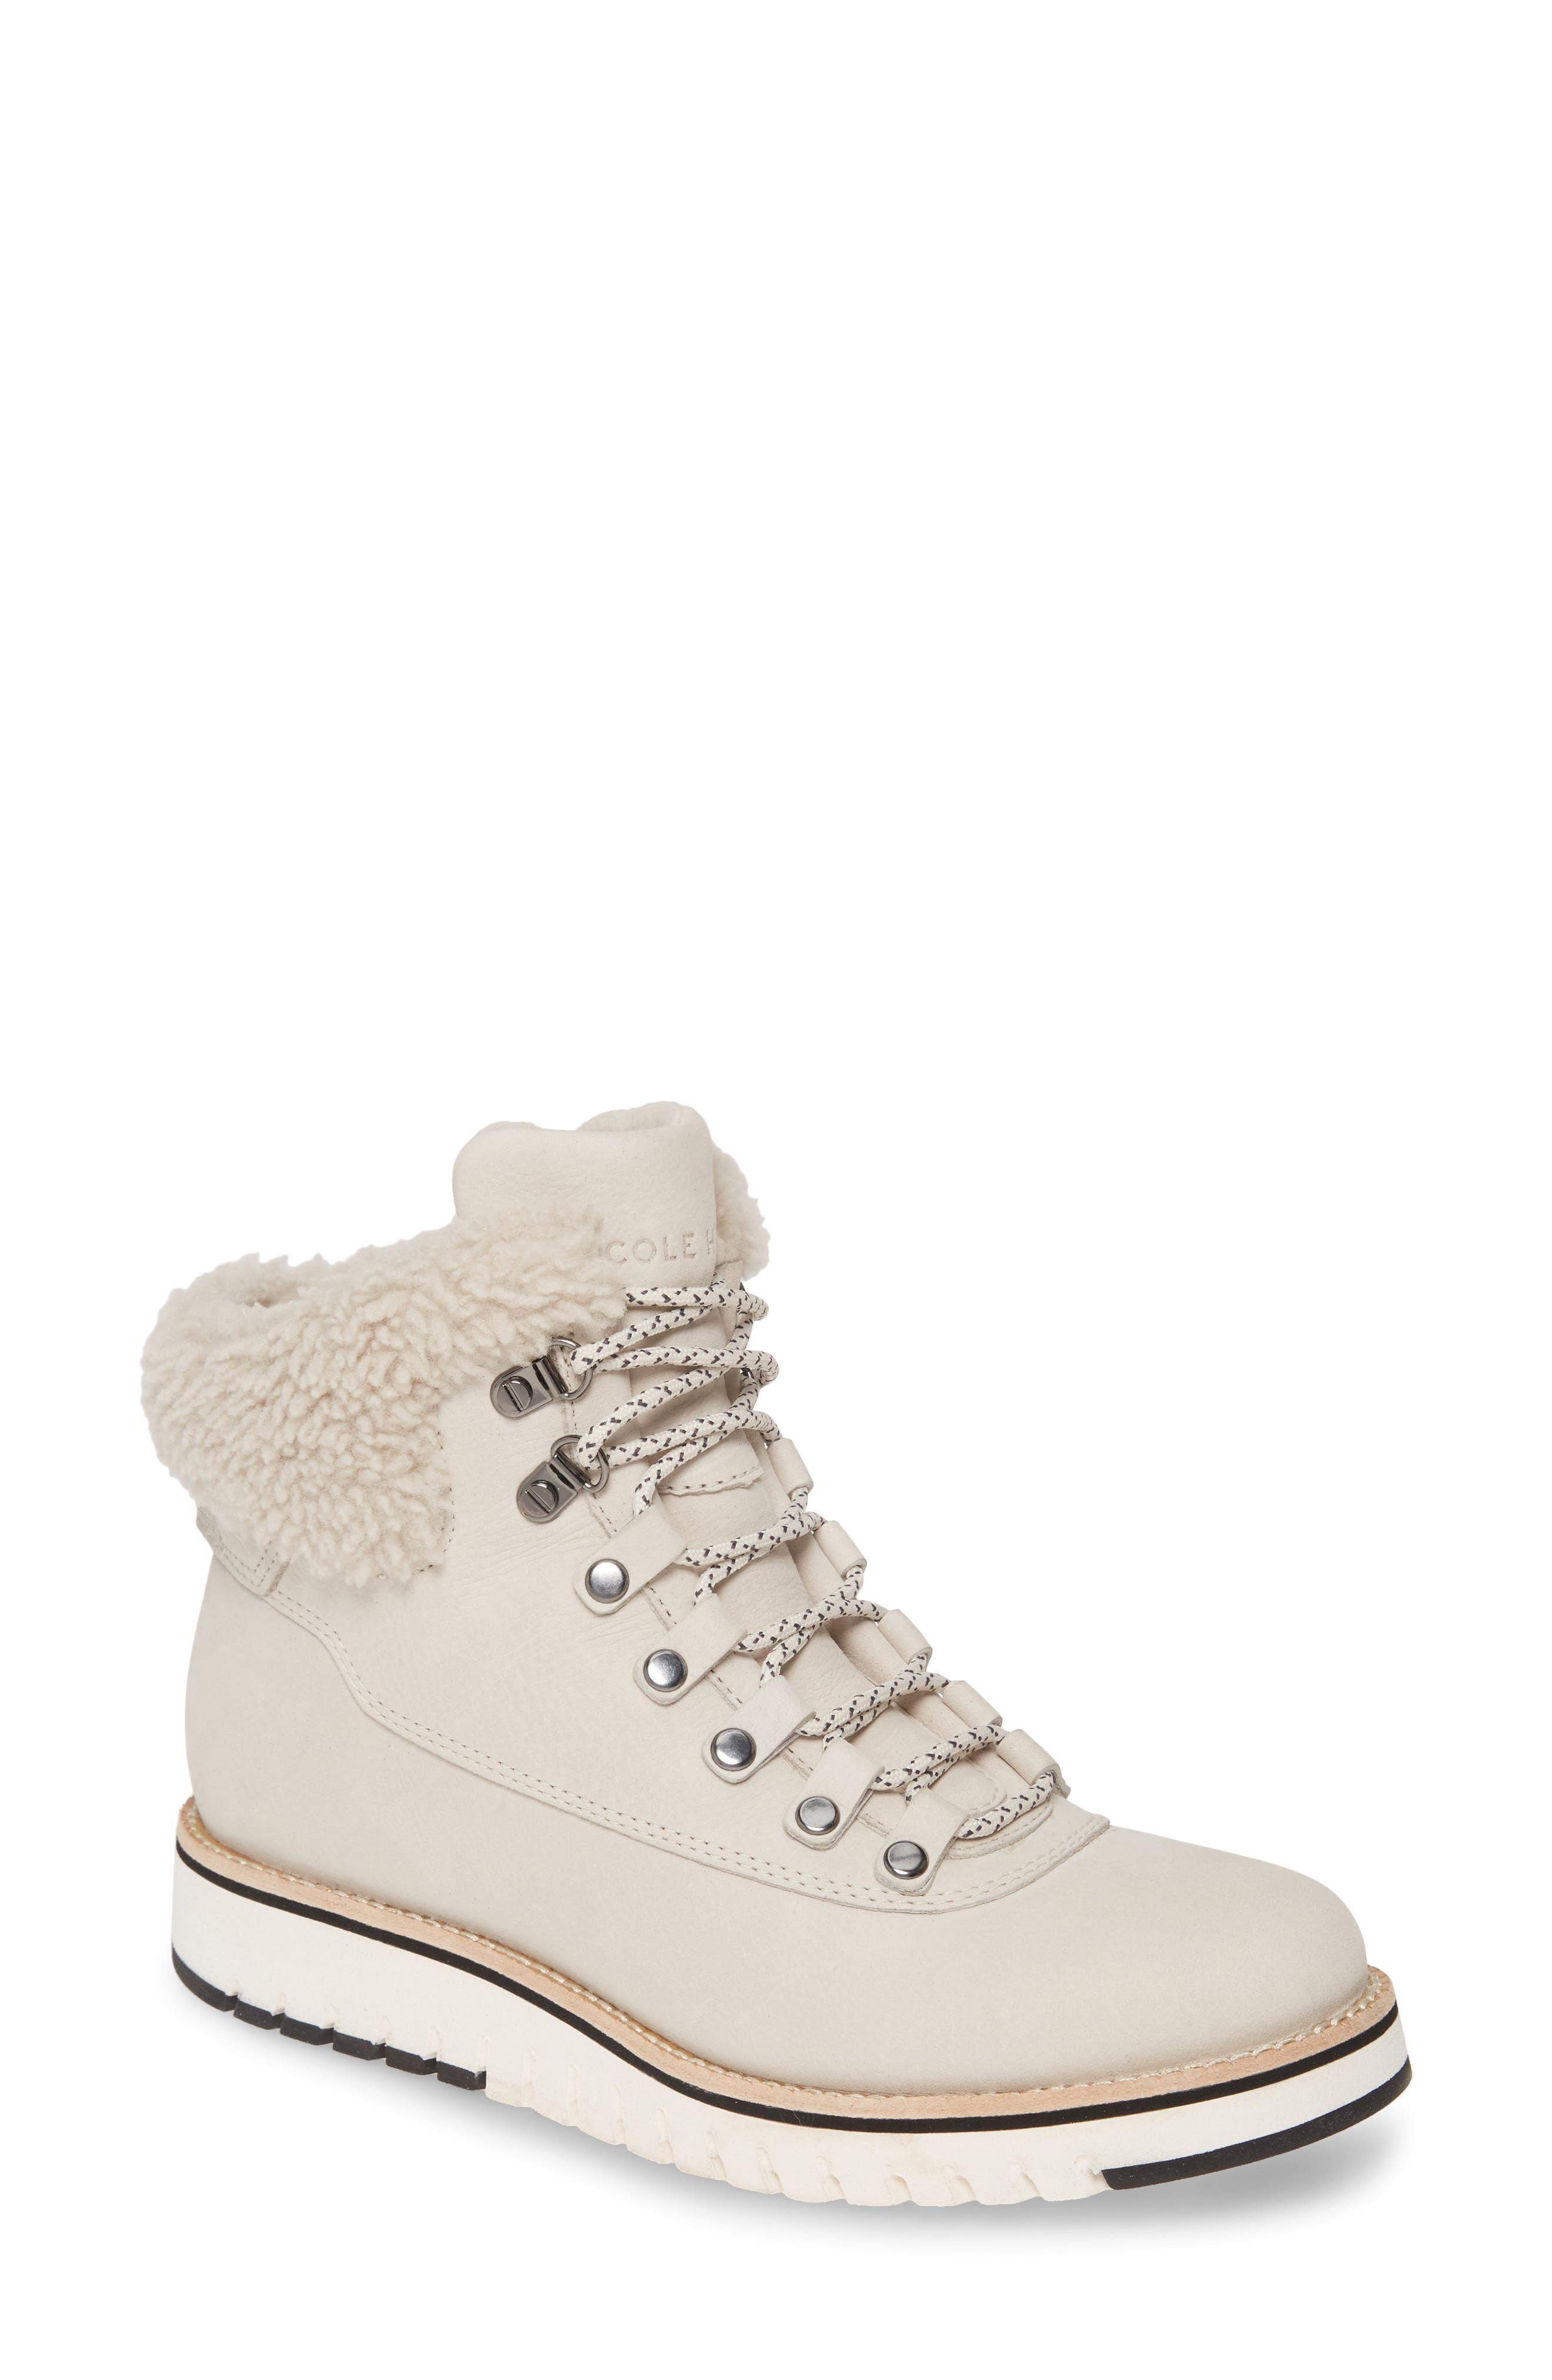 Women's Cole Haan Shoes | Nordstrom